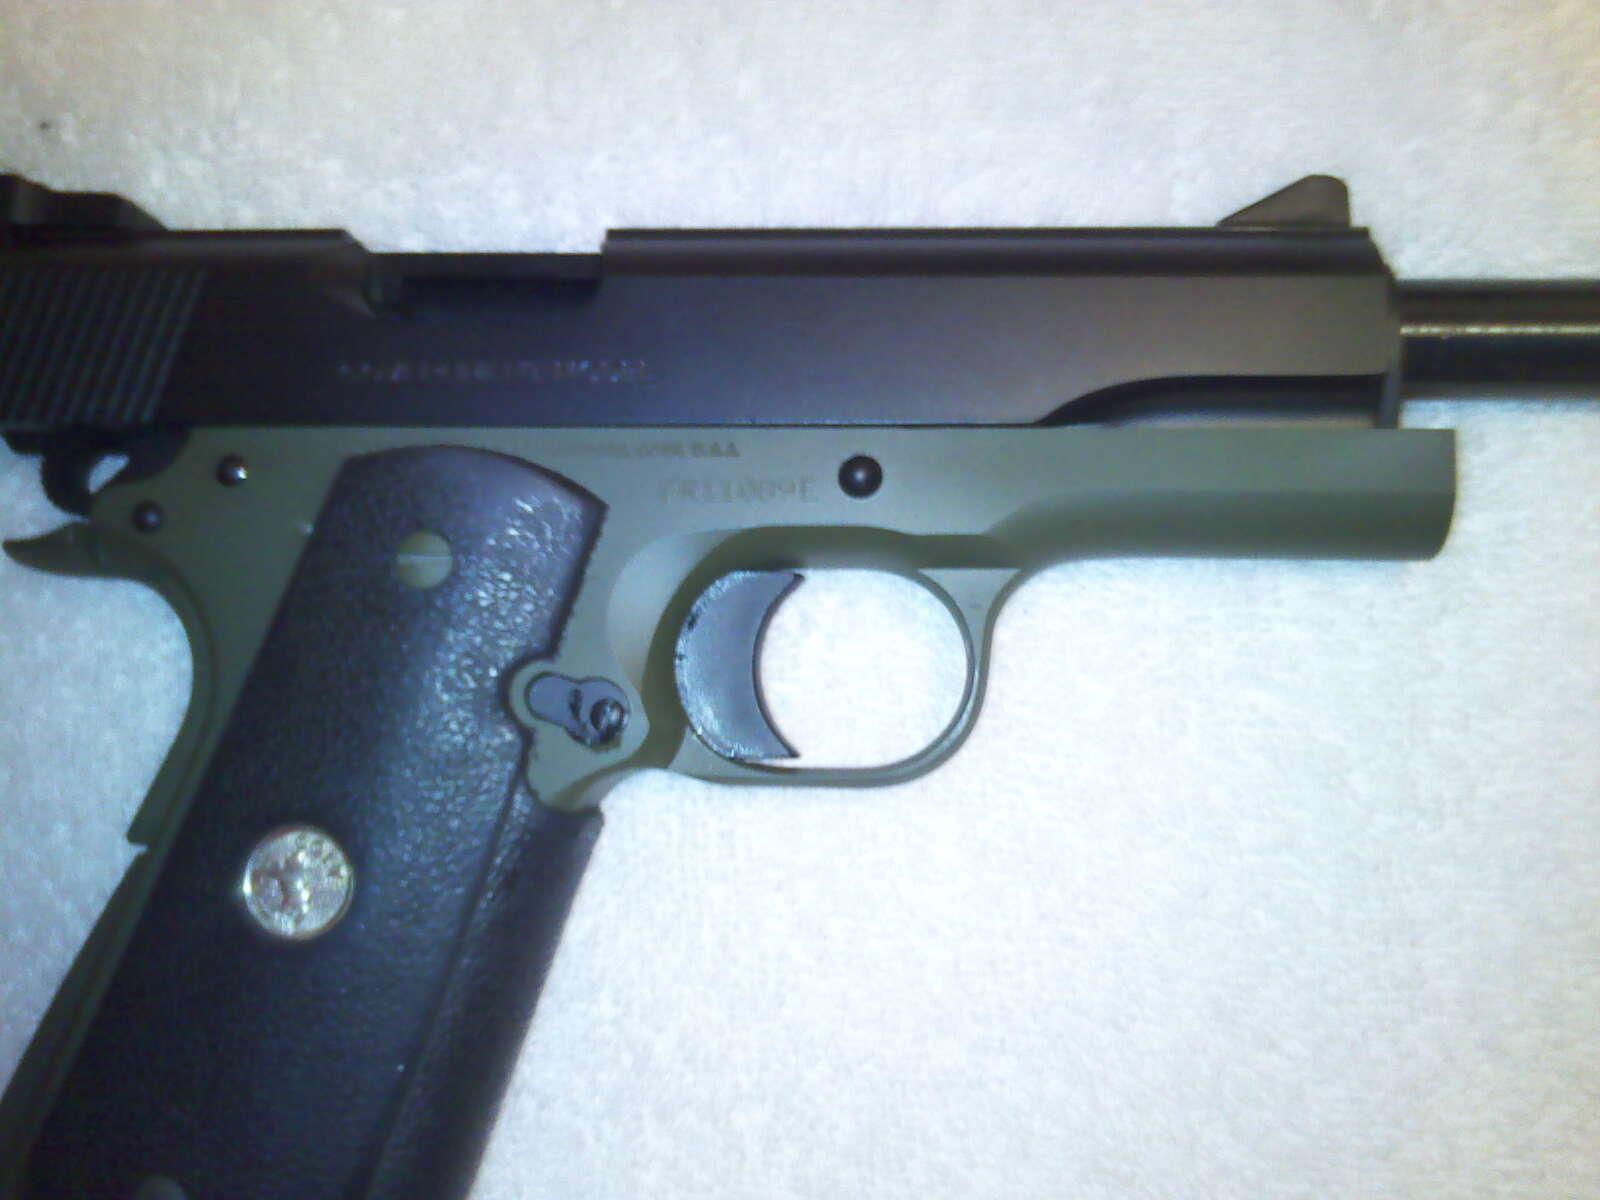 Old Colt 1911 with Cerakote coating-10-12-11_1843-jpg